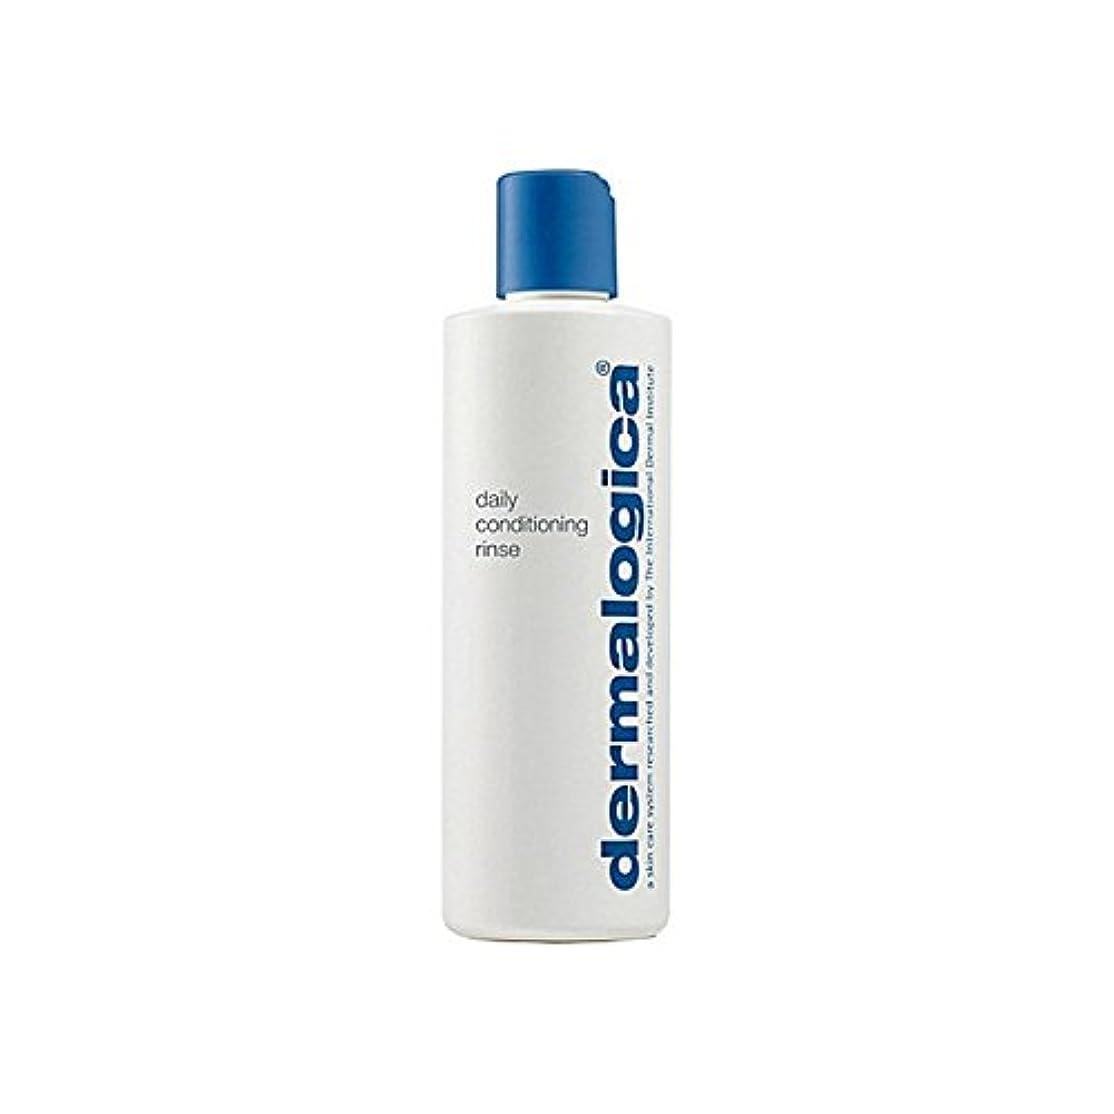 ラフ睡眠エッセイに関してDermalogica Daily Conditioning Rinse 50ml (Pack of 6) - ダーマロジカ毎日コンディショニングリンス50ミリリットル x6 [並行輸入品]